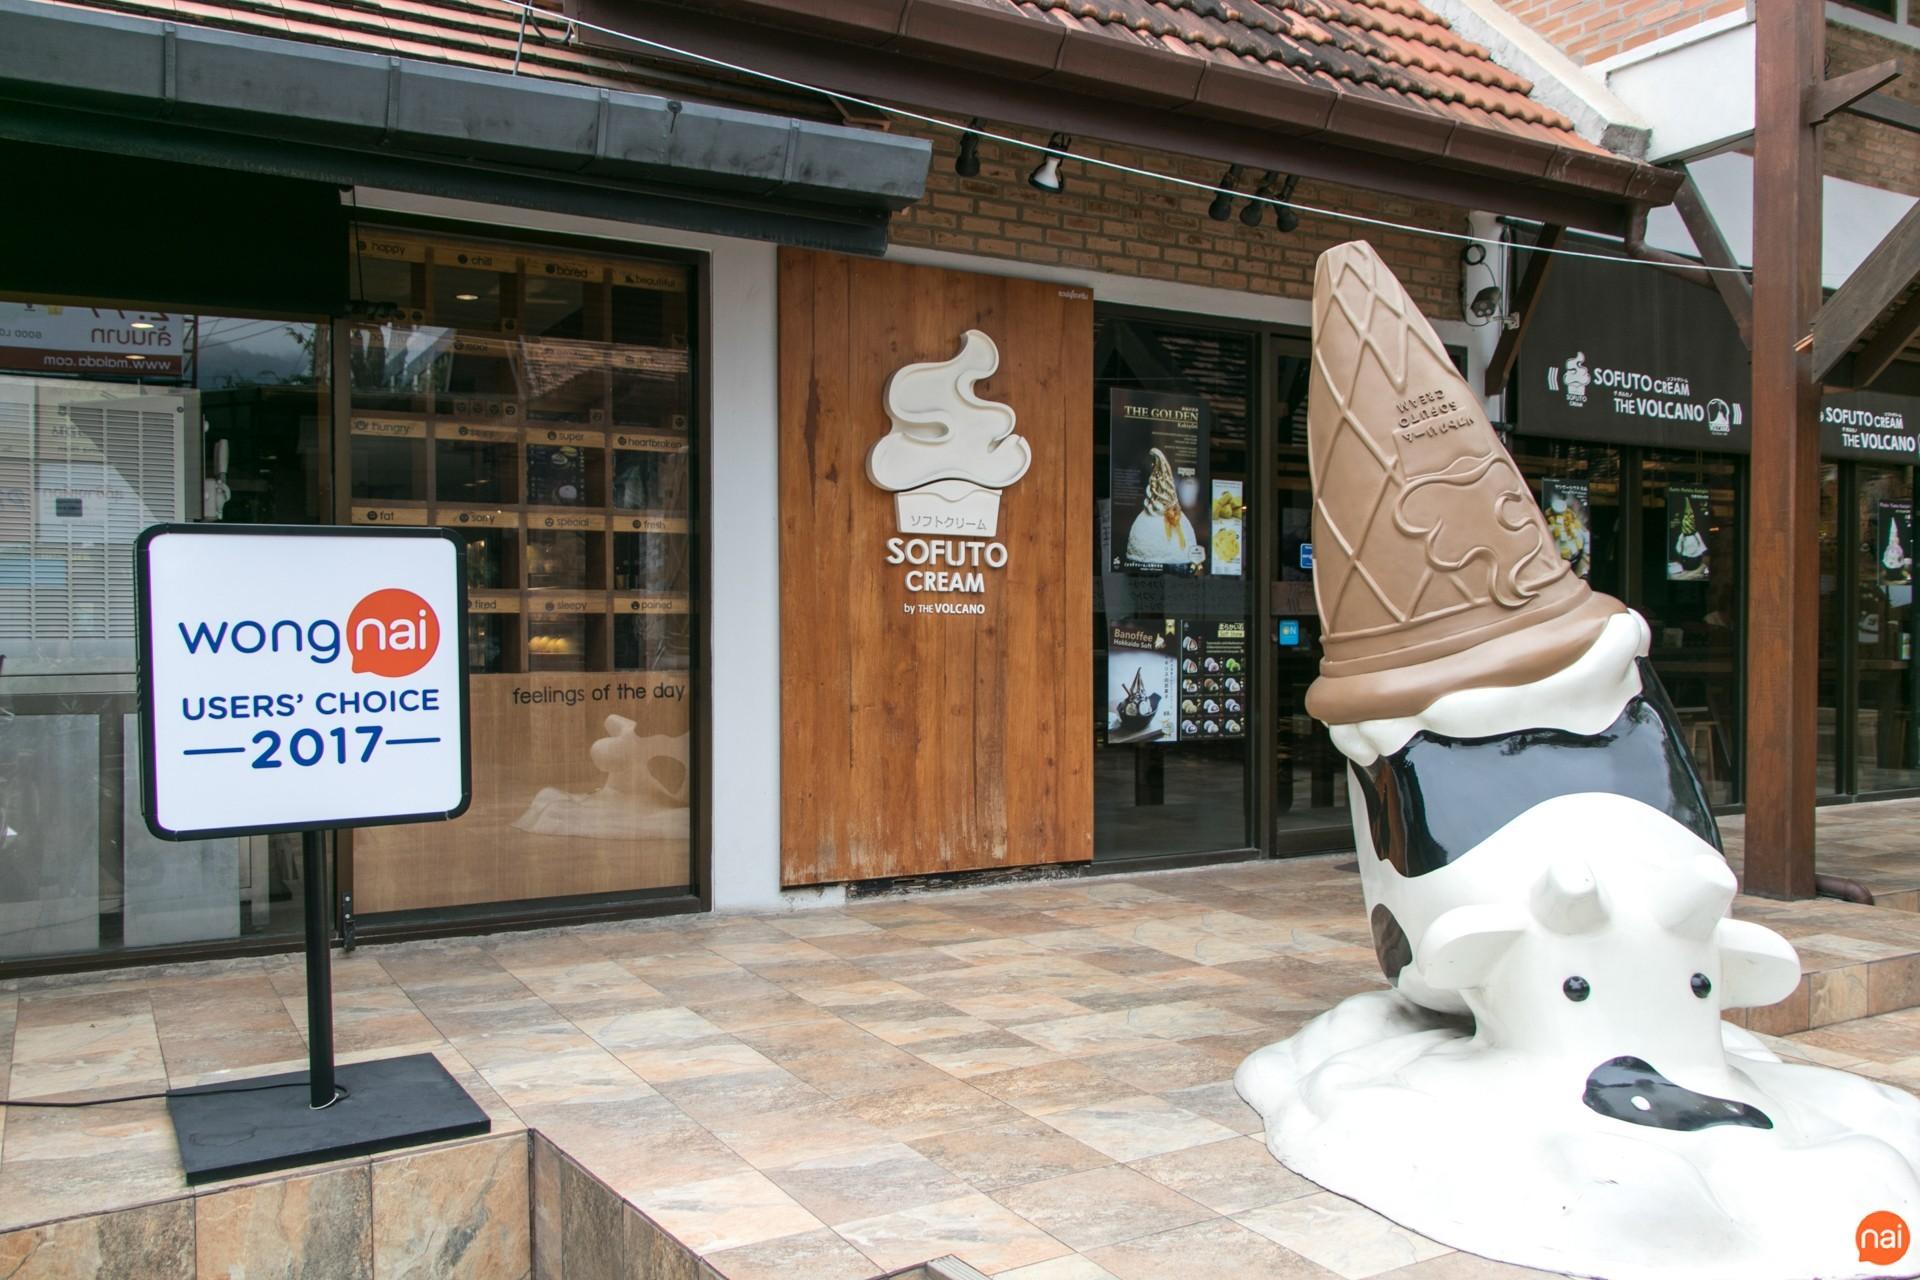 บรรยากาศ ร้าน Sofuto Cream เชียงใหม่